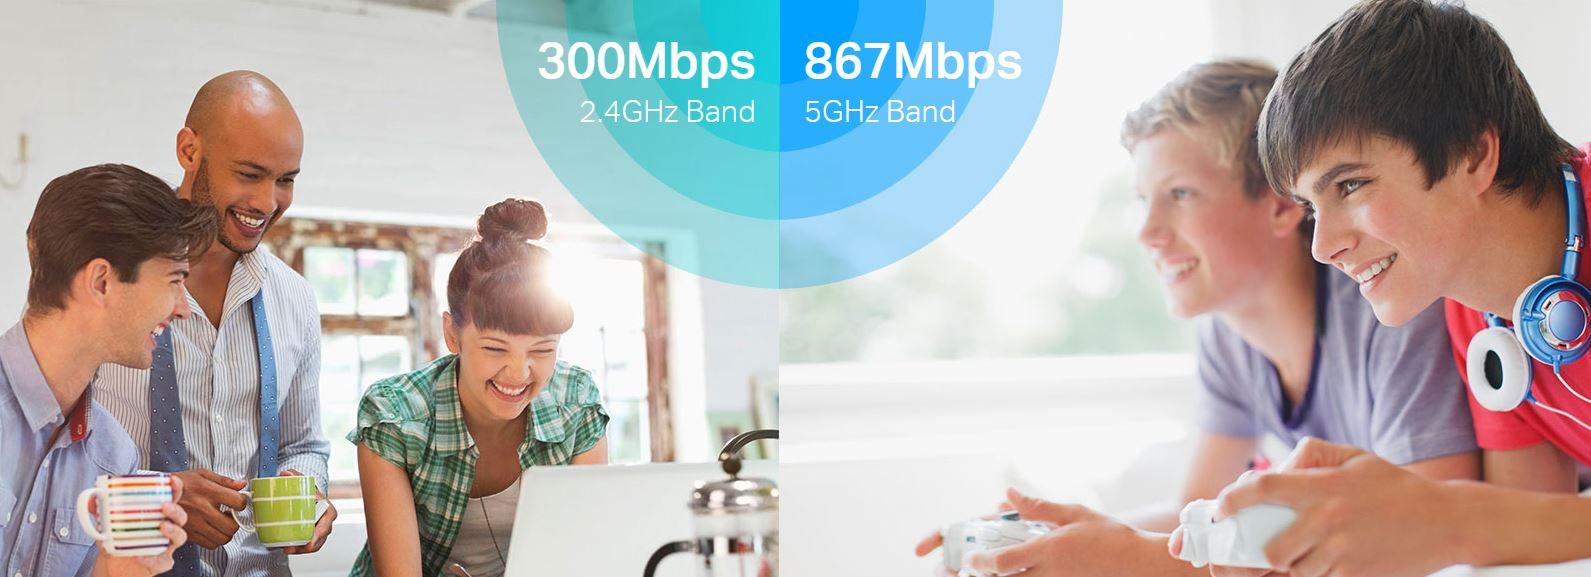 TP-Link Archer C6U s přenosovou rychlostí až 300 MB/s (2,4GHz)a 867 Mb/s (5GHz)